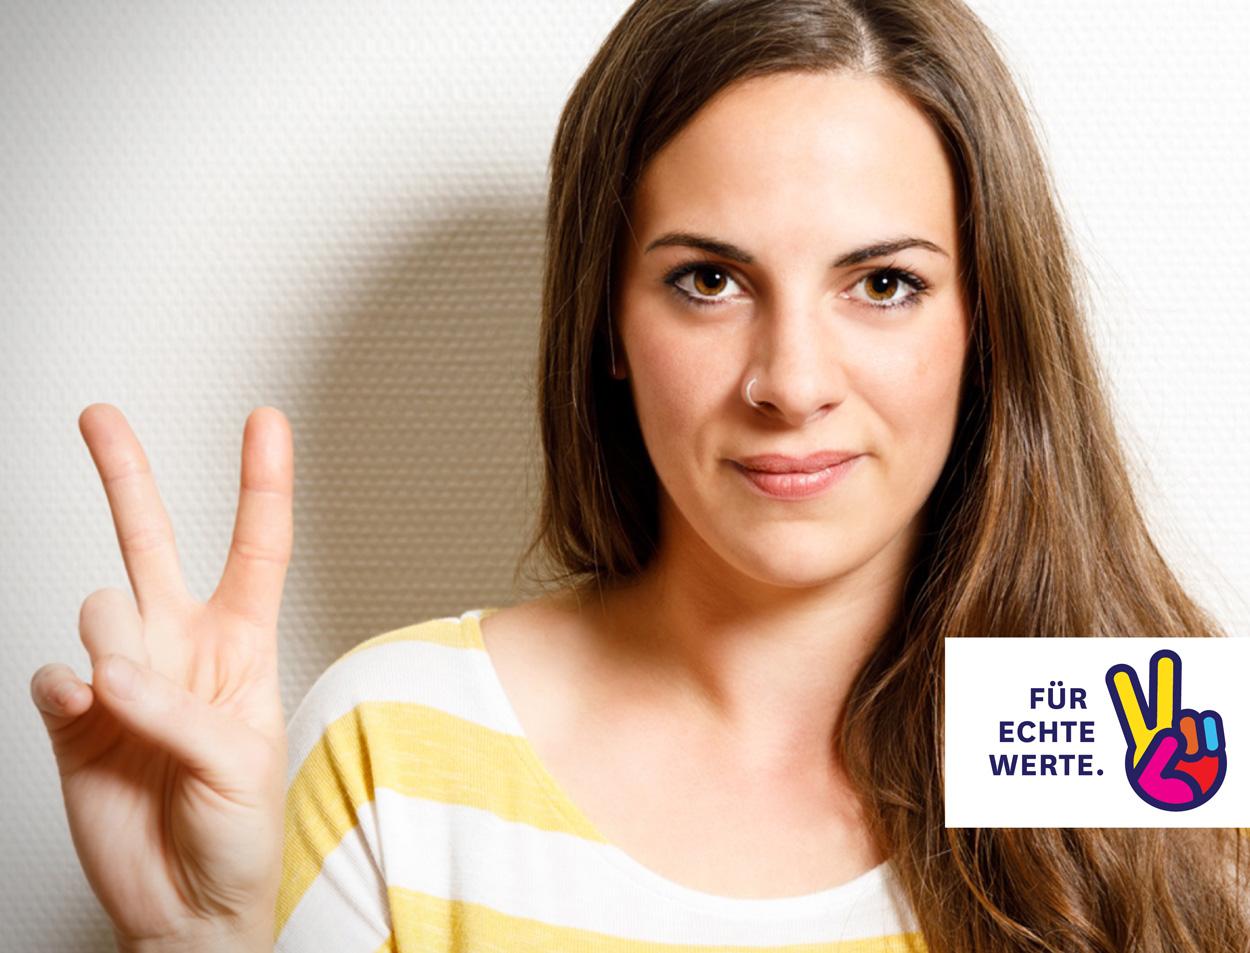 St. Martin Pflegedienst TWINNERS Zwillingsagentur Werbeagentur Designagentur Design Werbung Konzept Emsbüren Plettenberg